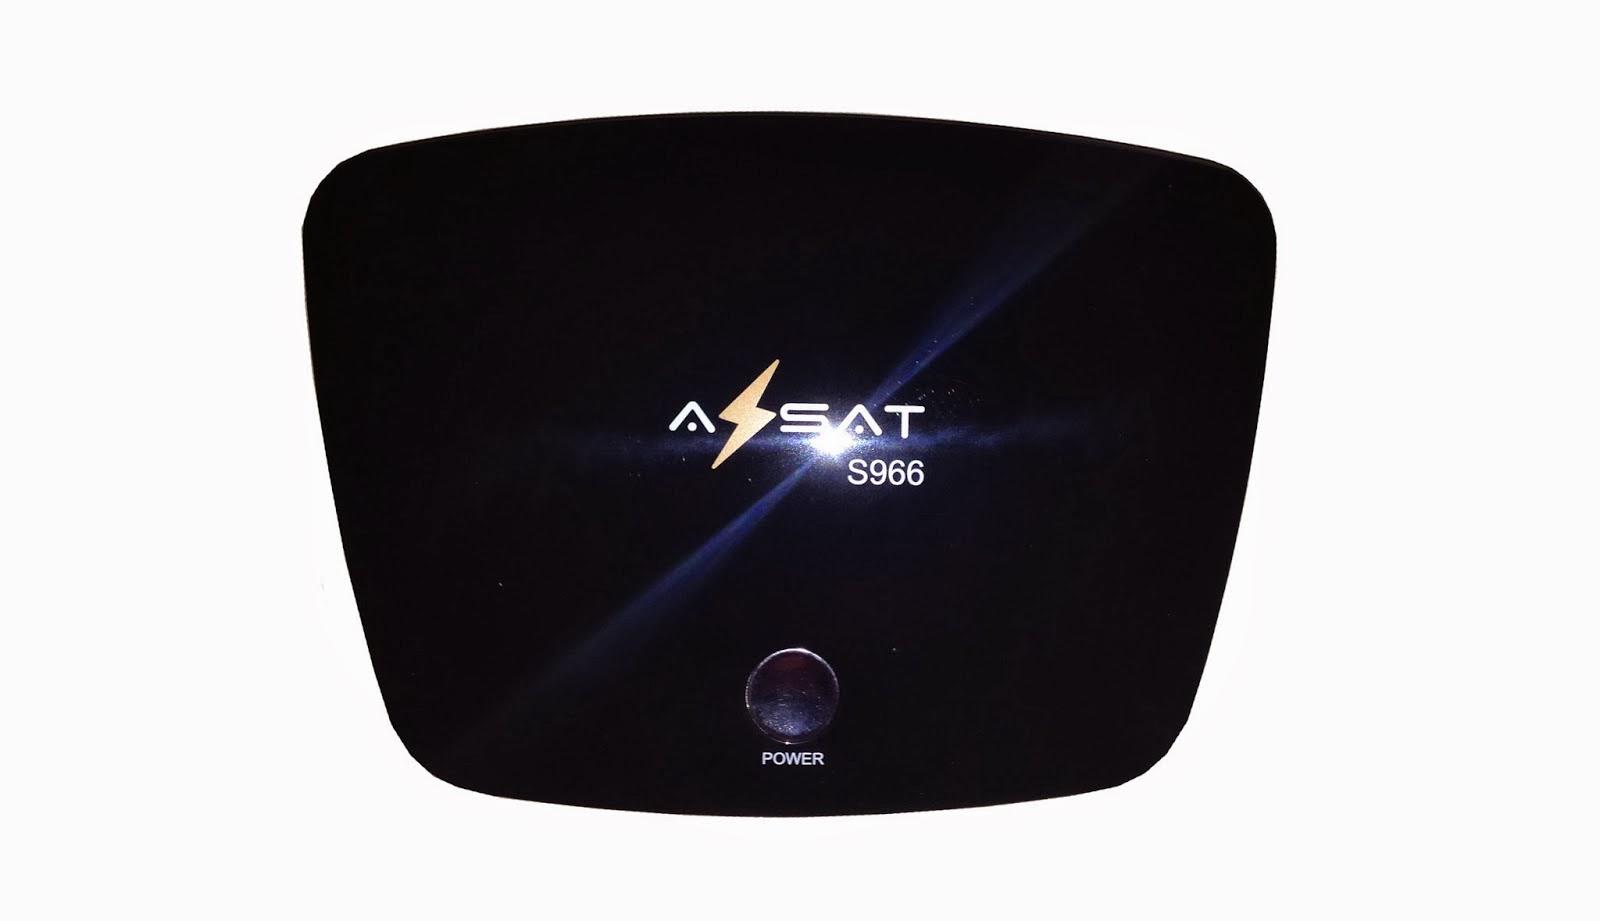 Colocar CS AZSAT+S926 ATUALIZAÇÃO AZBOX BRAVISSIMO EM AZSAT S966 (versão:  1.029  ) 22/09/2015 comprar cs